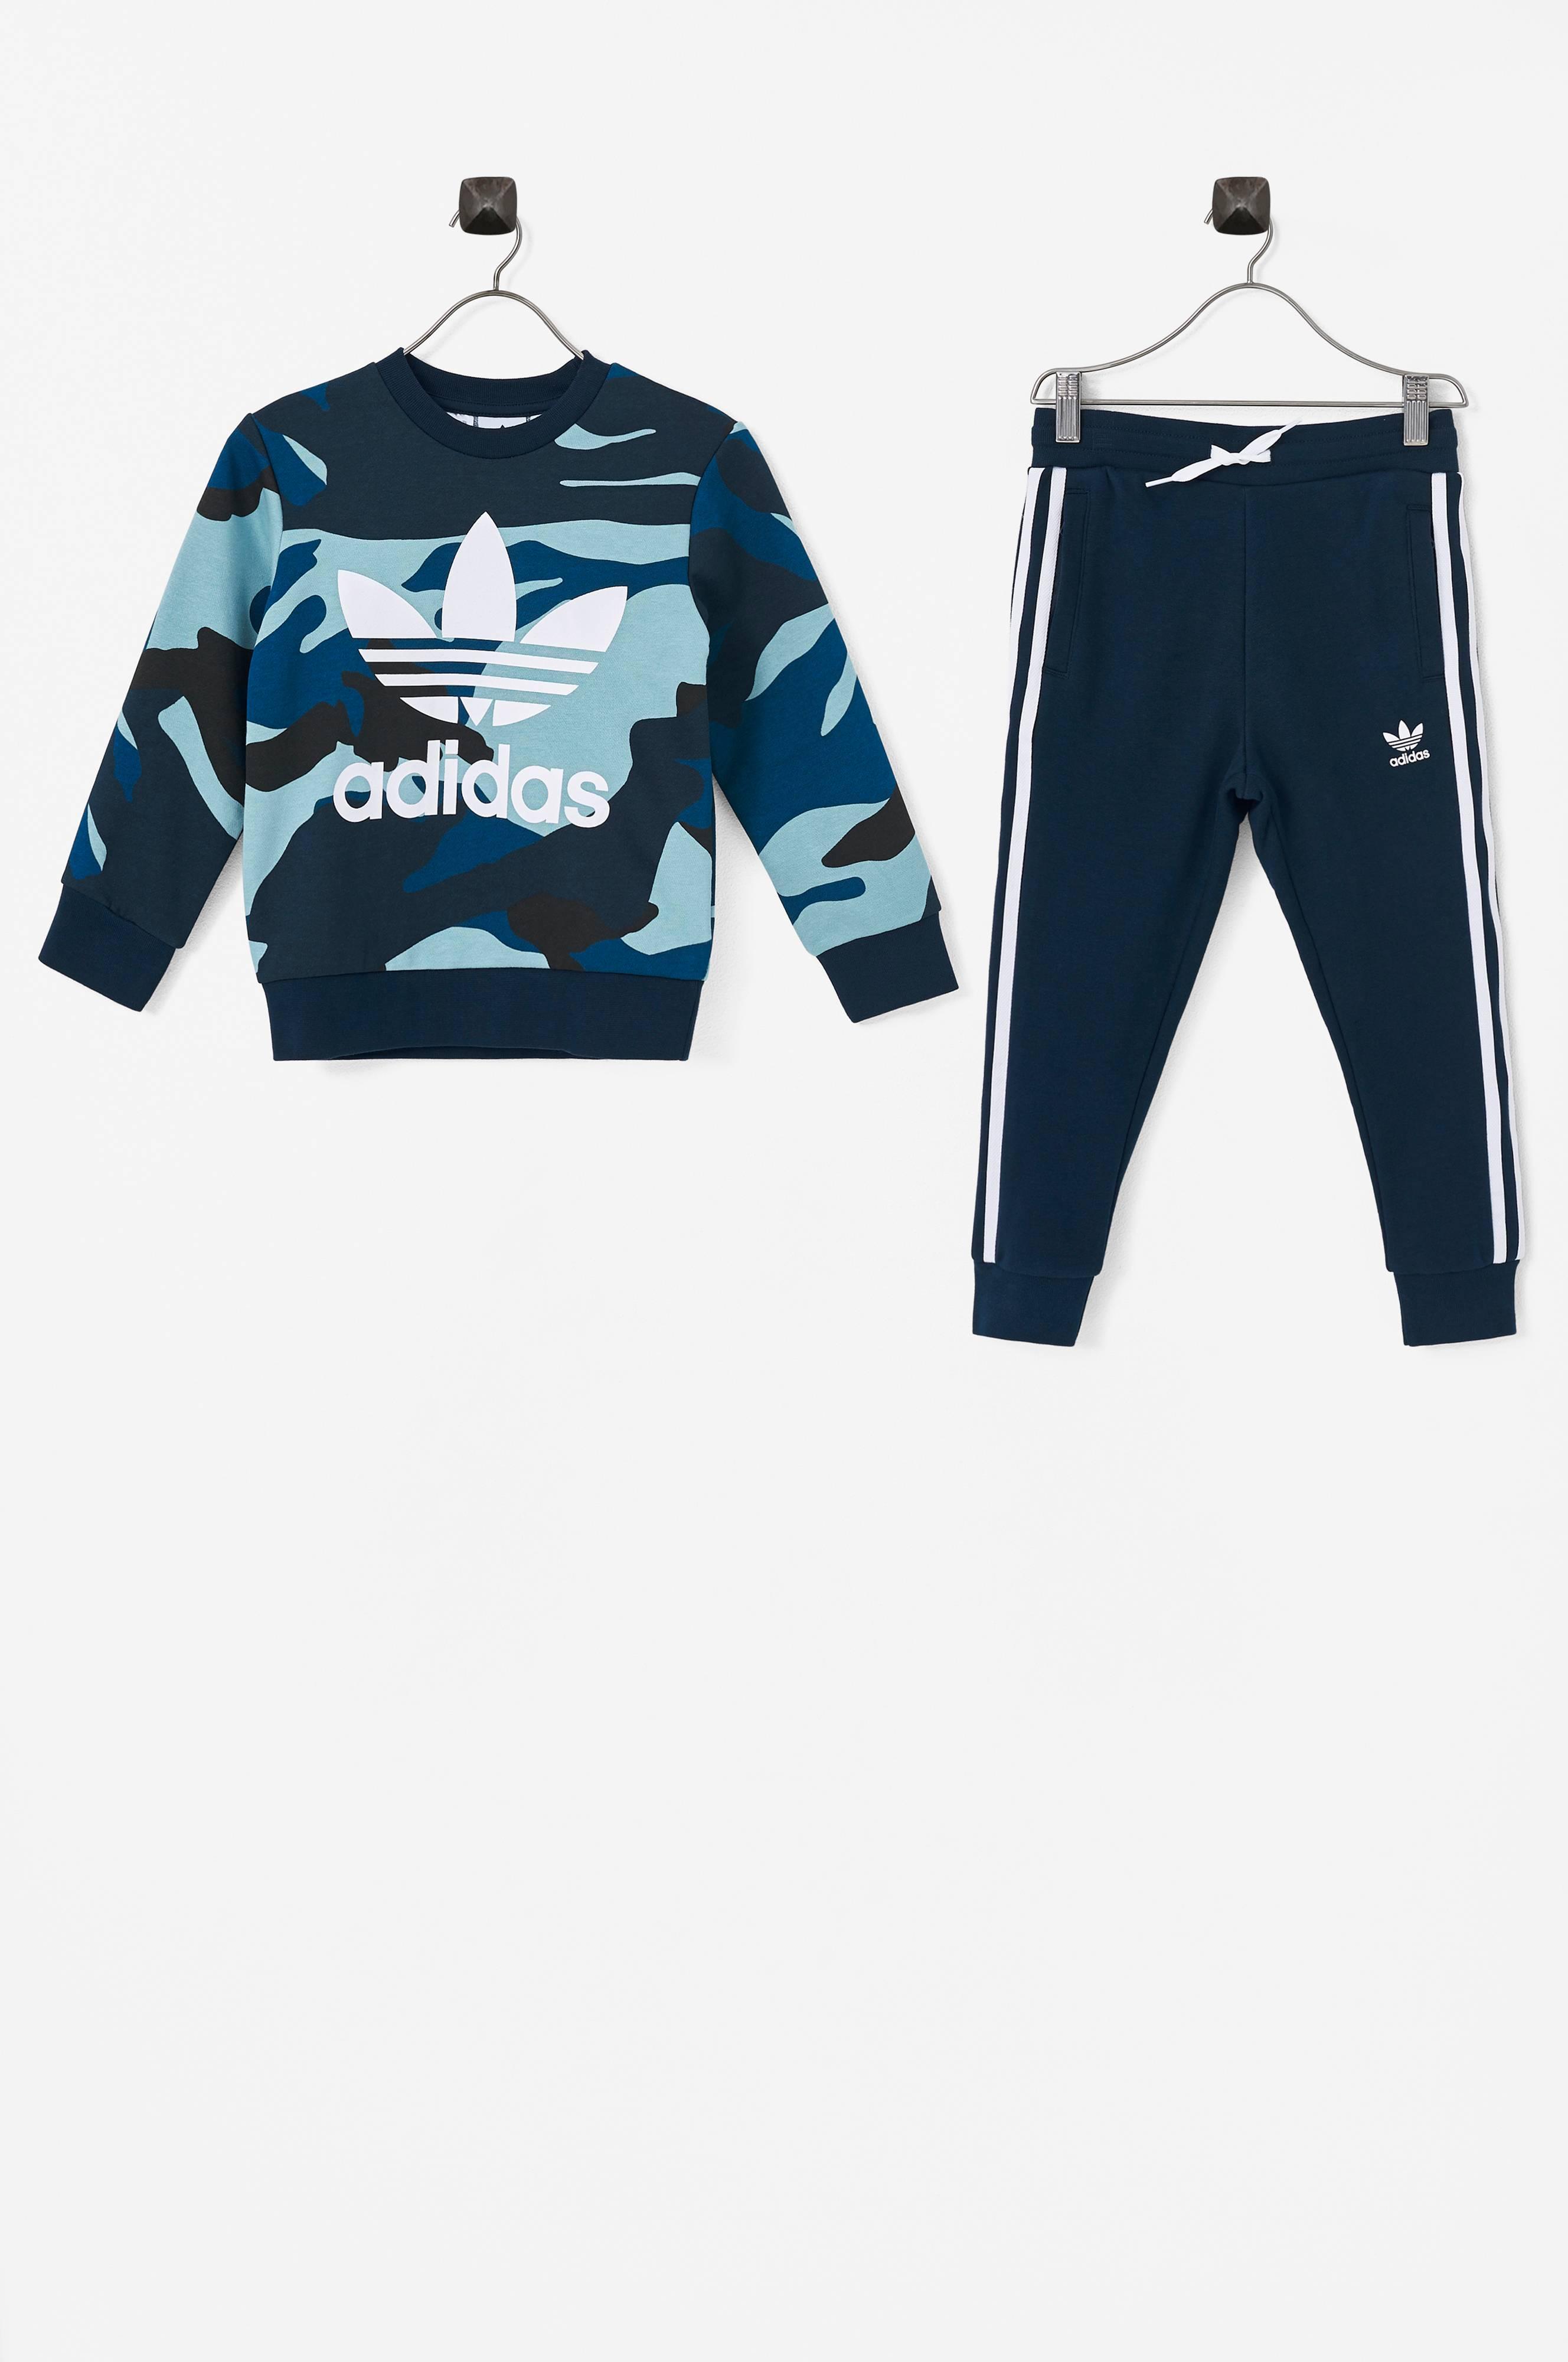 Adidas Originals Camo Hoodie Multicolor 1 2XL